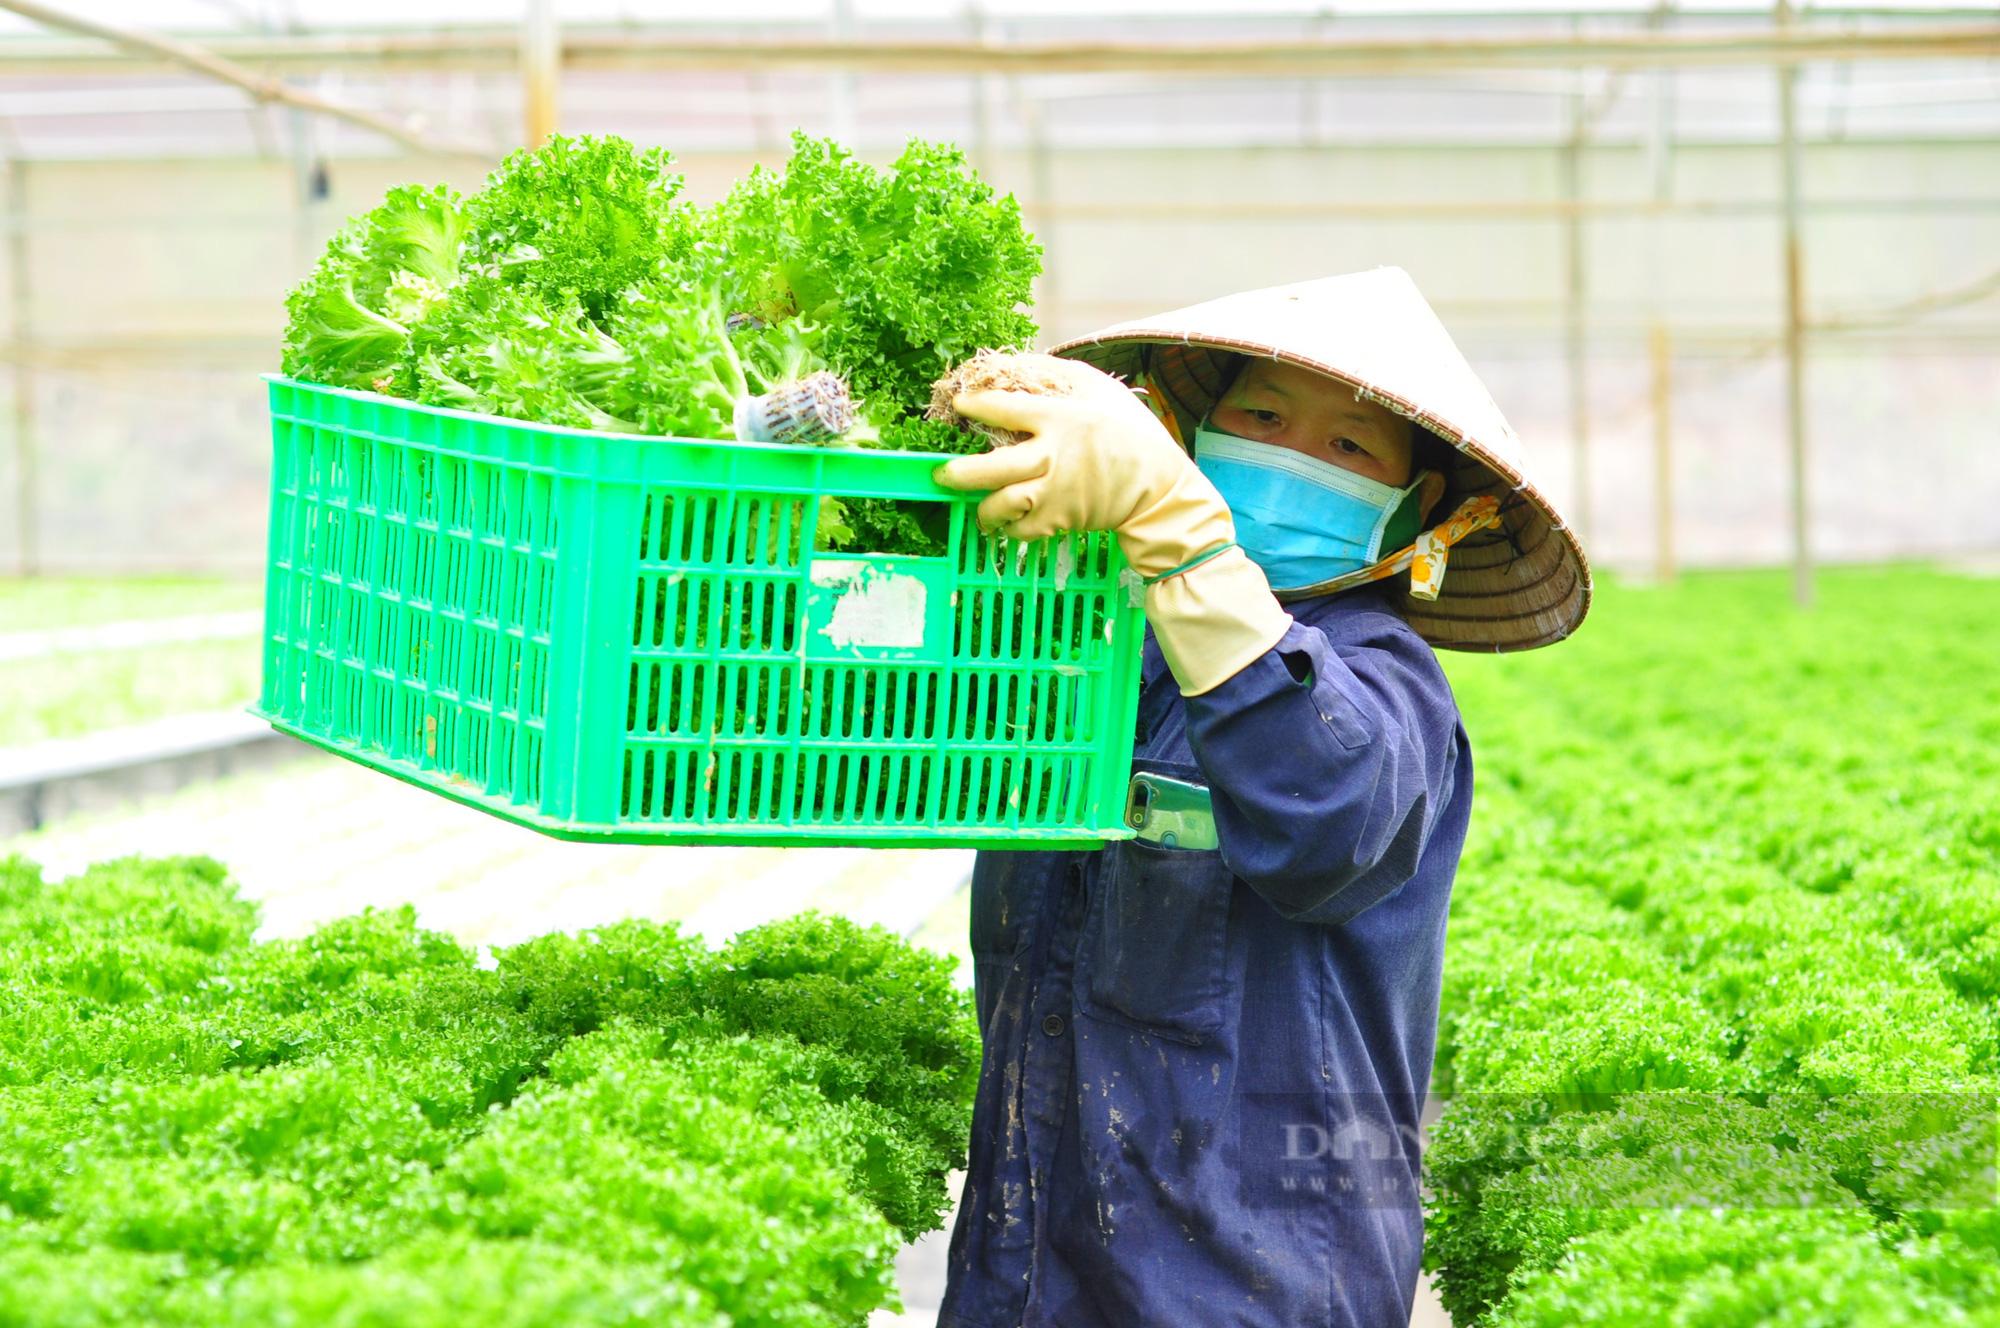 """""""Dũng cao"""" làm nông nghiệp công nghệ cao, xuất khẩu hàng trăm tấn rau xà lách đi Hàn Quốc - Ảnh 5."""